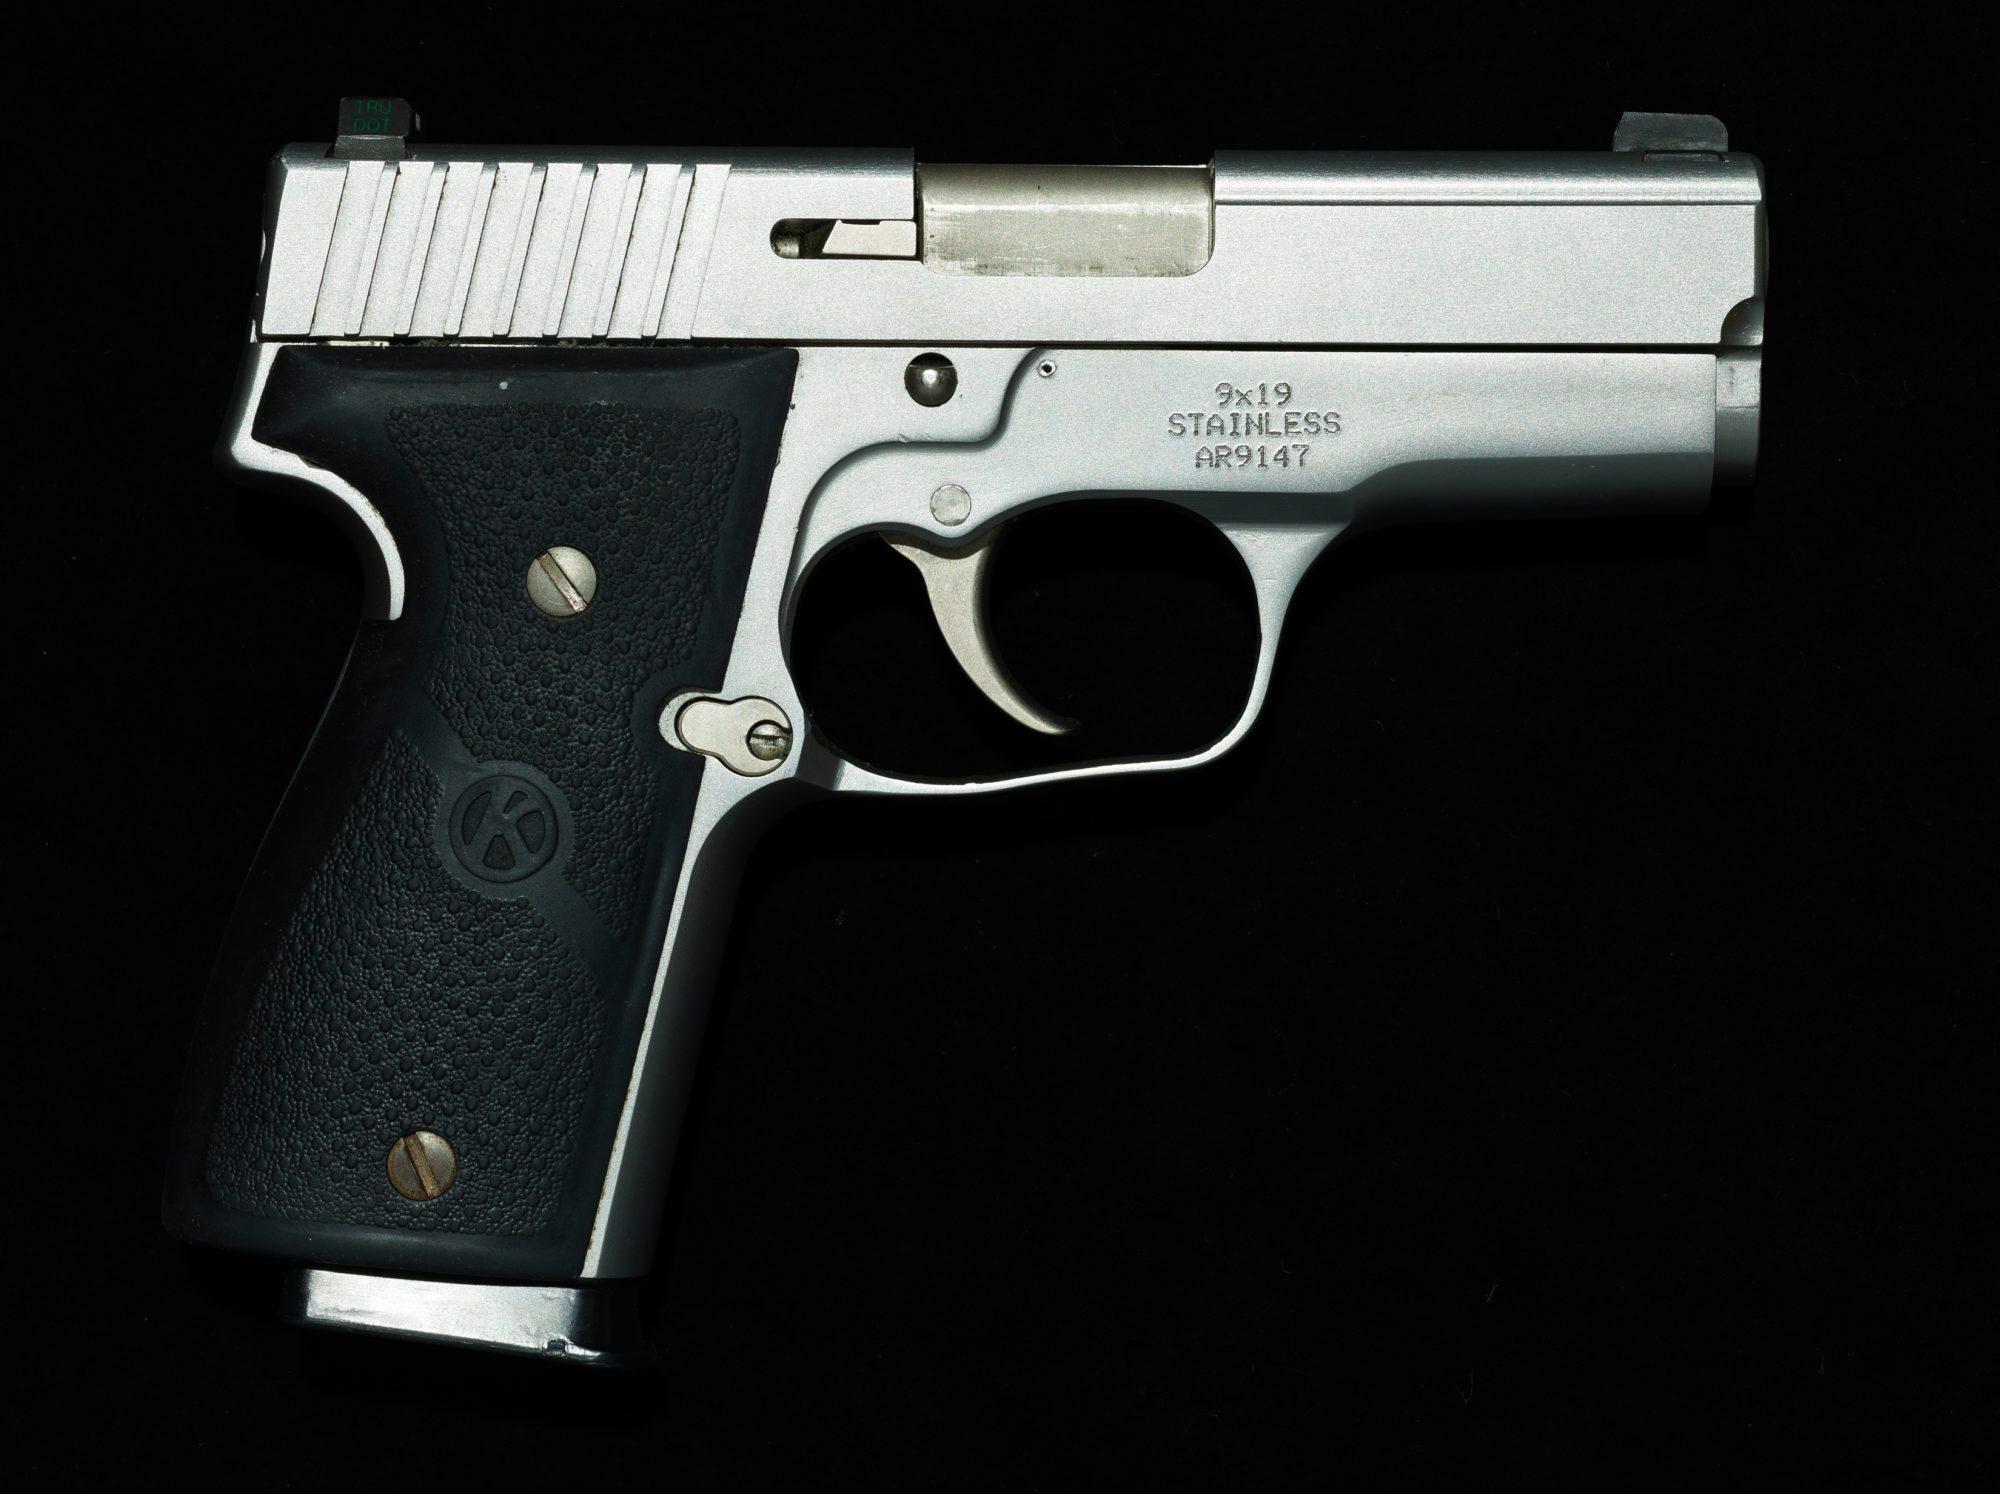 Marian Sell Gun12 Ar9147